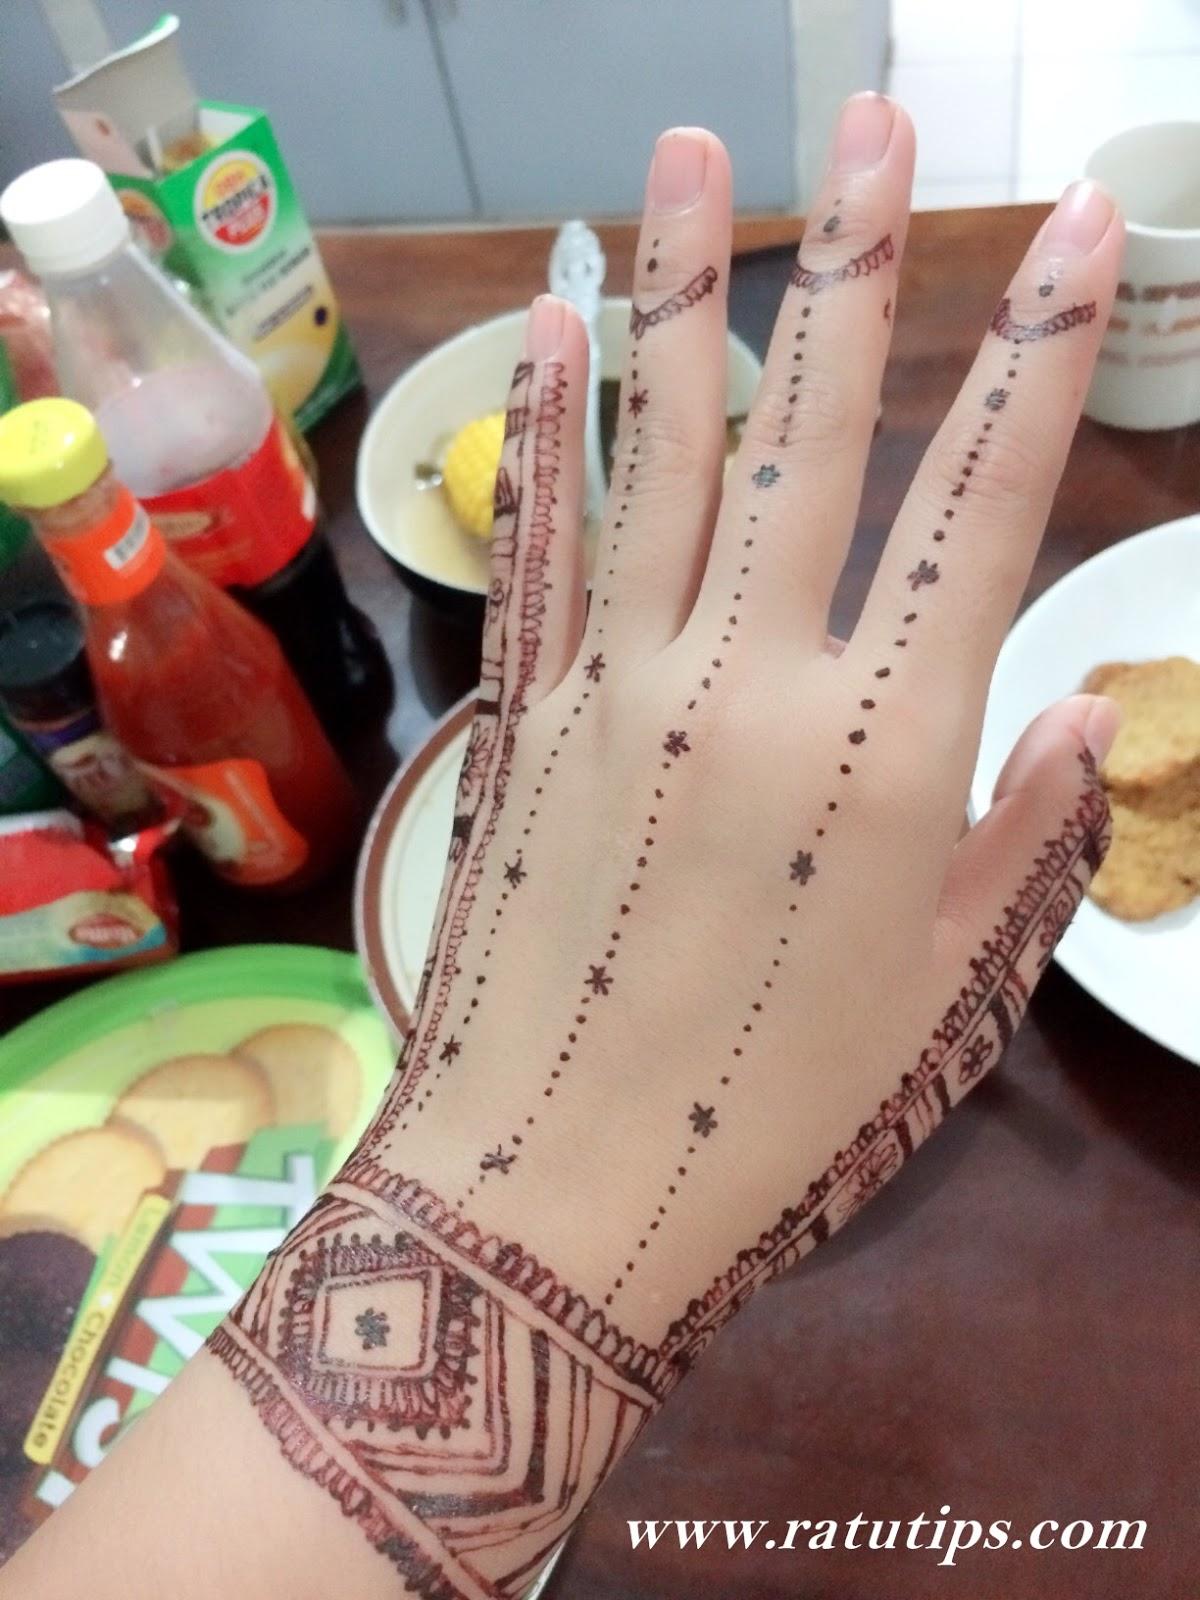 Gambar Membuat Henna : gambar, membuat, henna, Mudah, Membuat, Henna, Rumah, Tanpa, Harus, Salon, Kecantikan, Ratutips